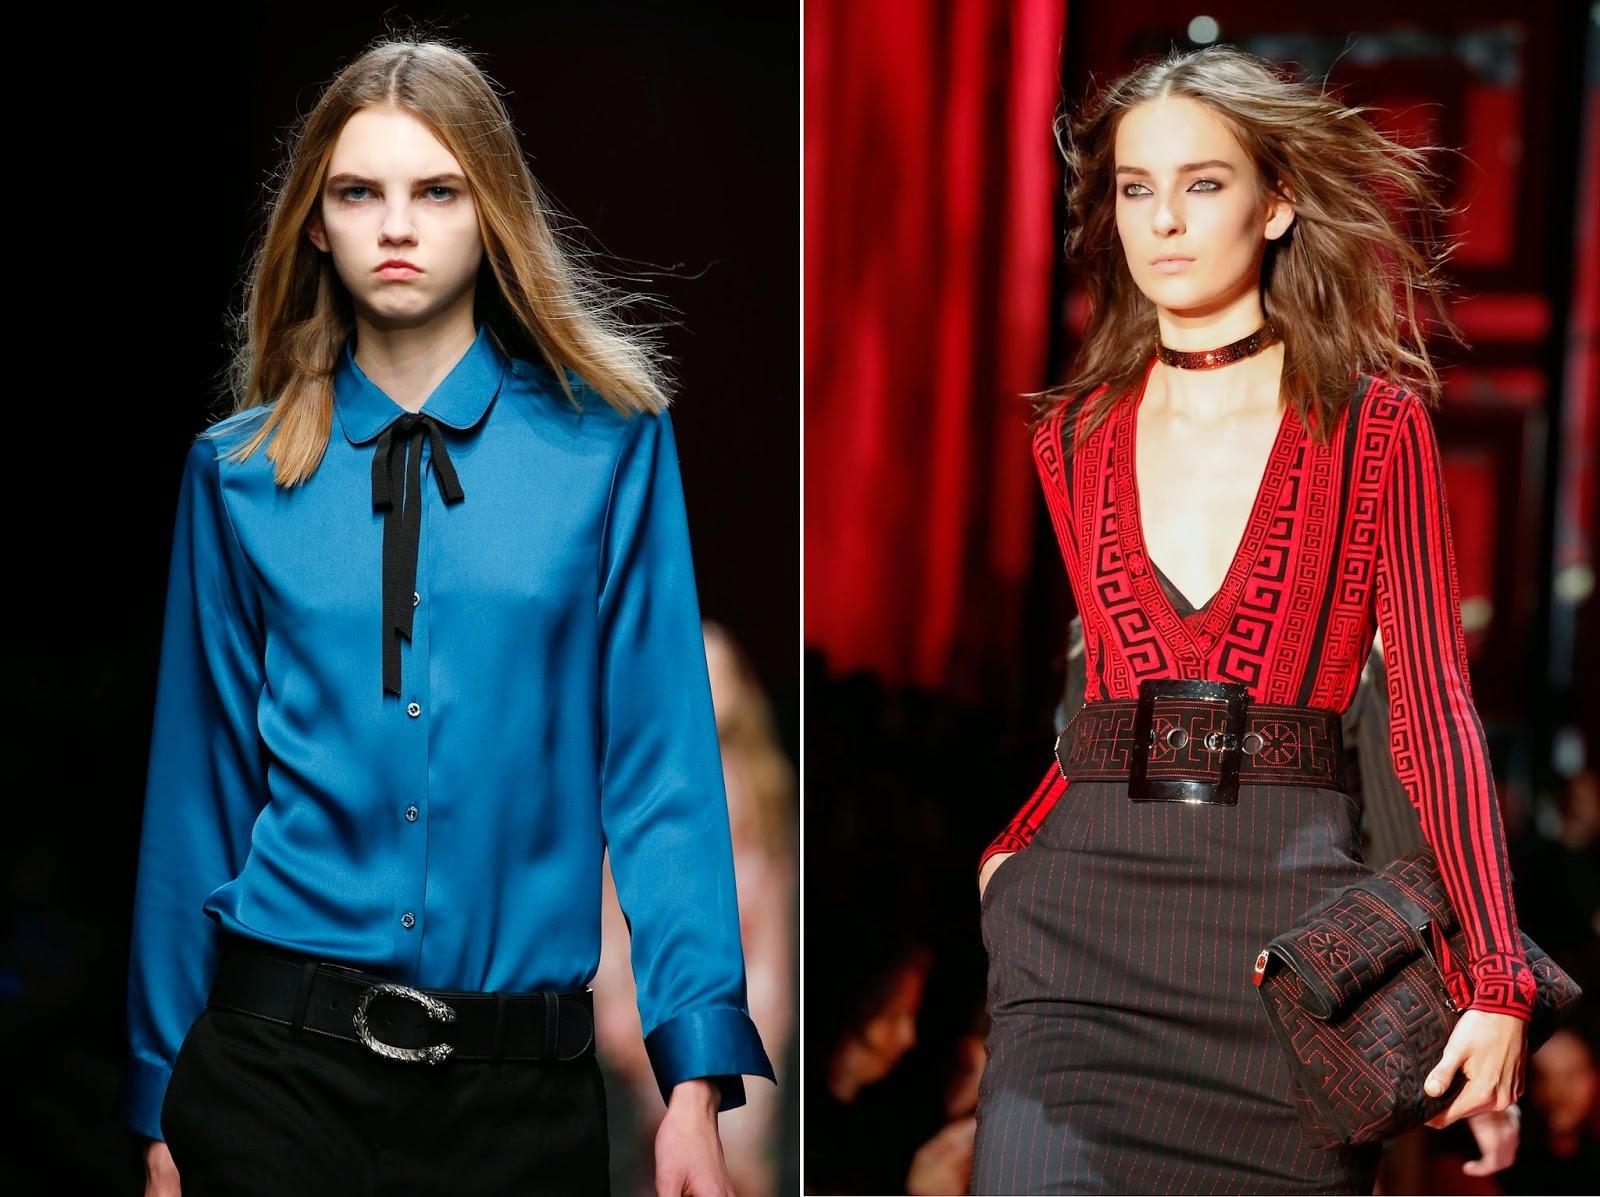 9a5e1f965d4e1 Modelos das passarelas das grifes italianas Gucci e Versace   Imagens   Reprodução